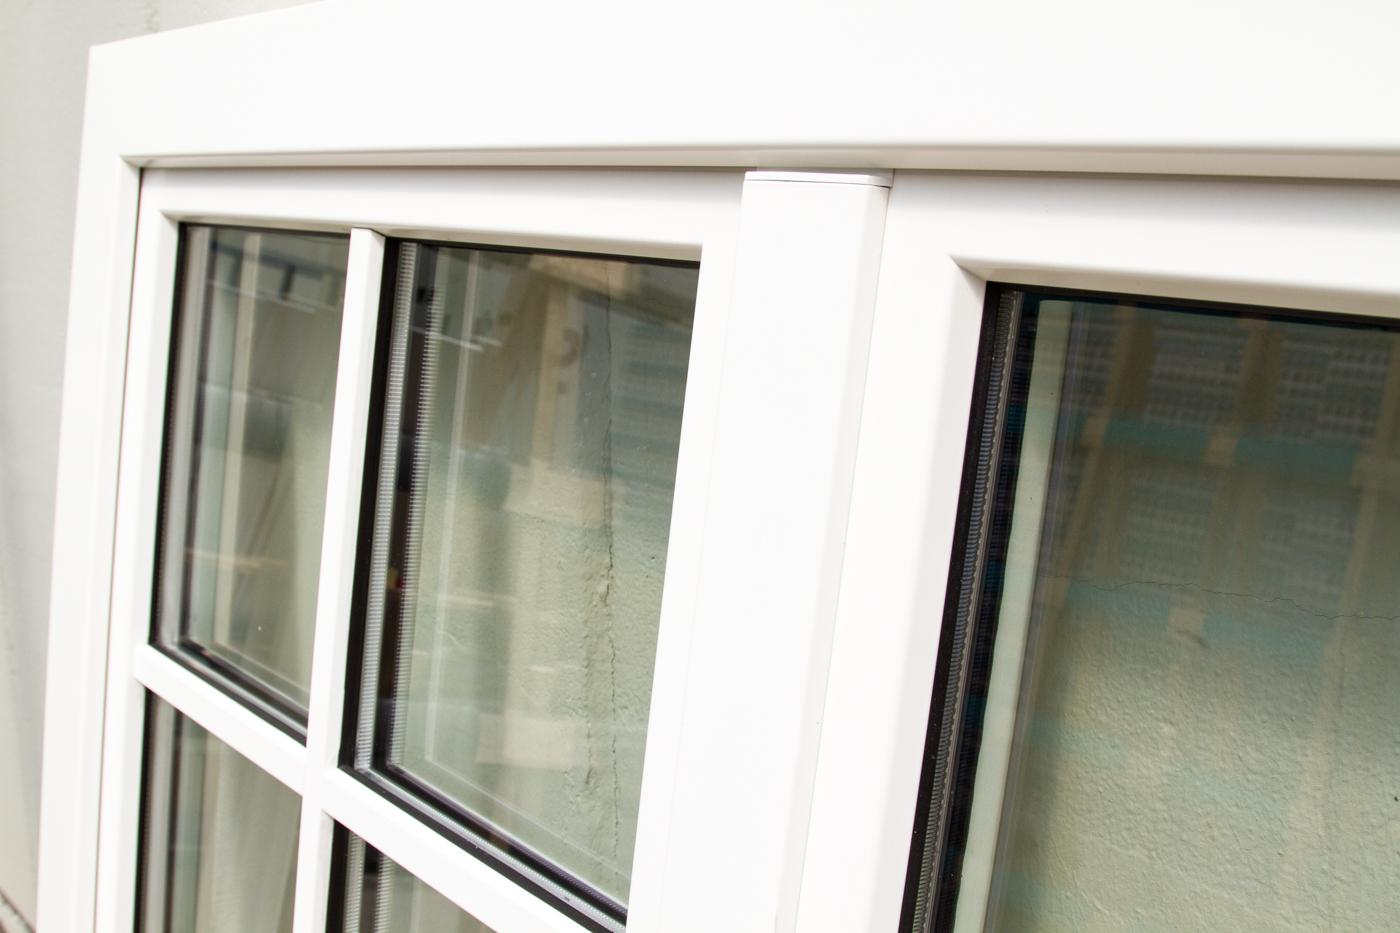 holzalu fenster classic86 0661 evofenster blog. Black Bedroom Furniture Sets. Home Design Ideas